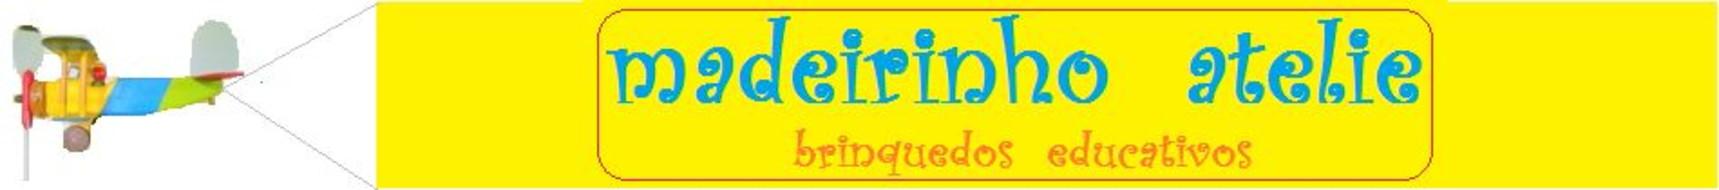 Madeirinho Brinquedos Educativos